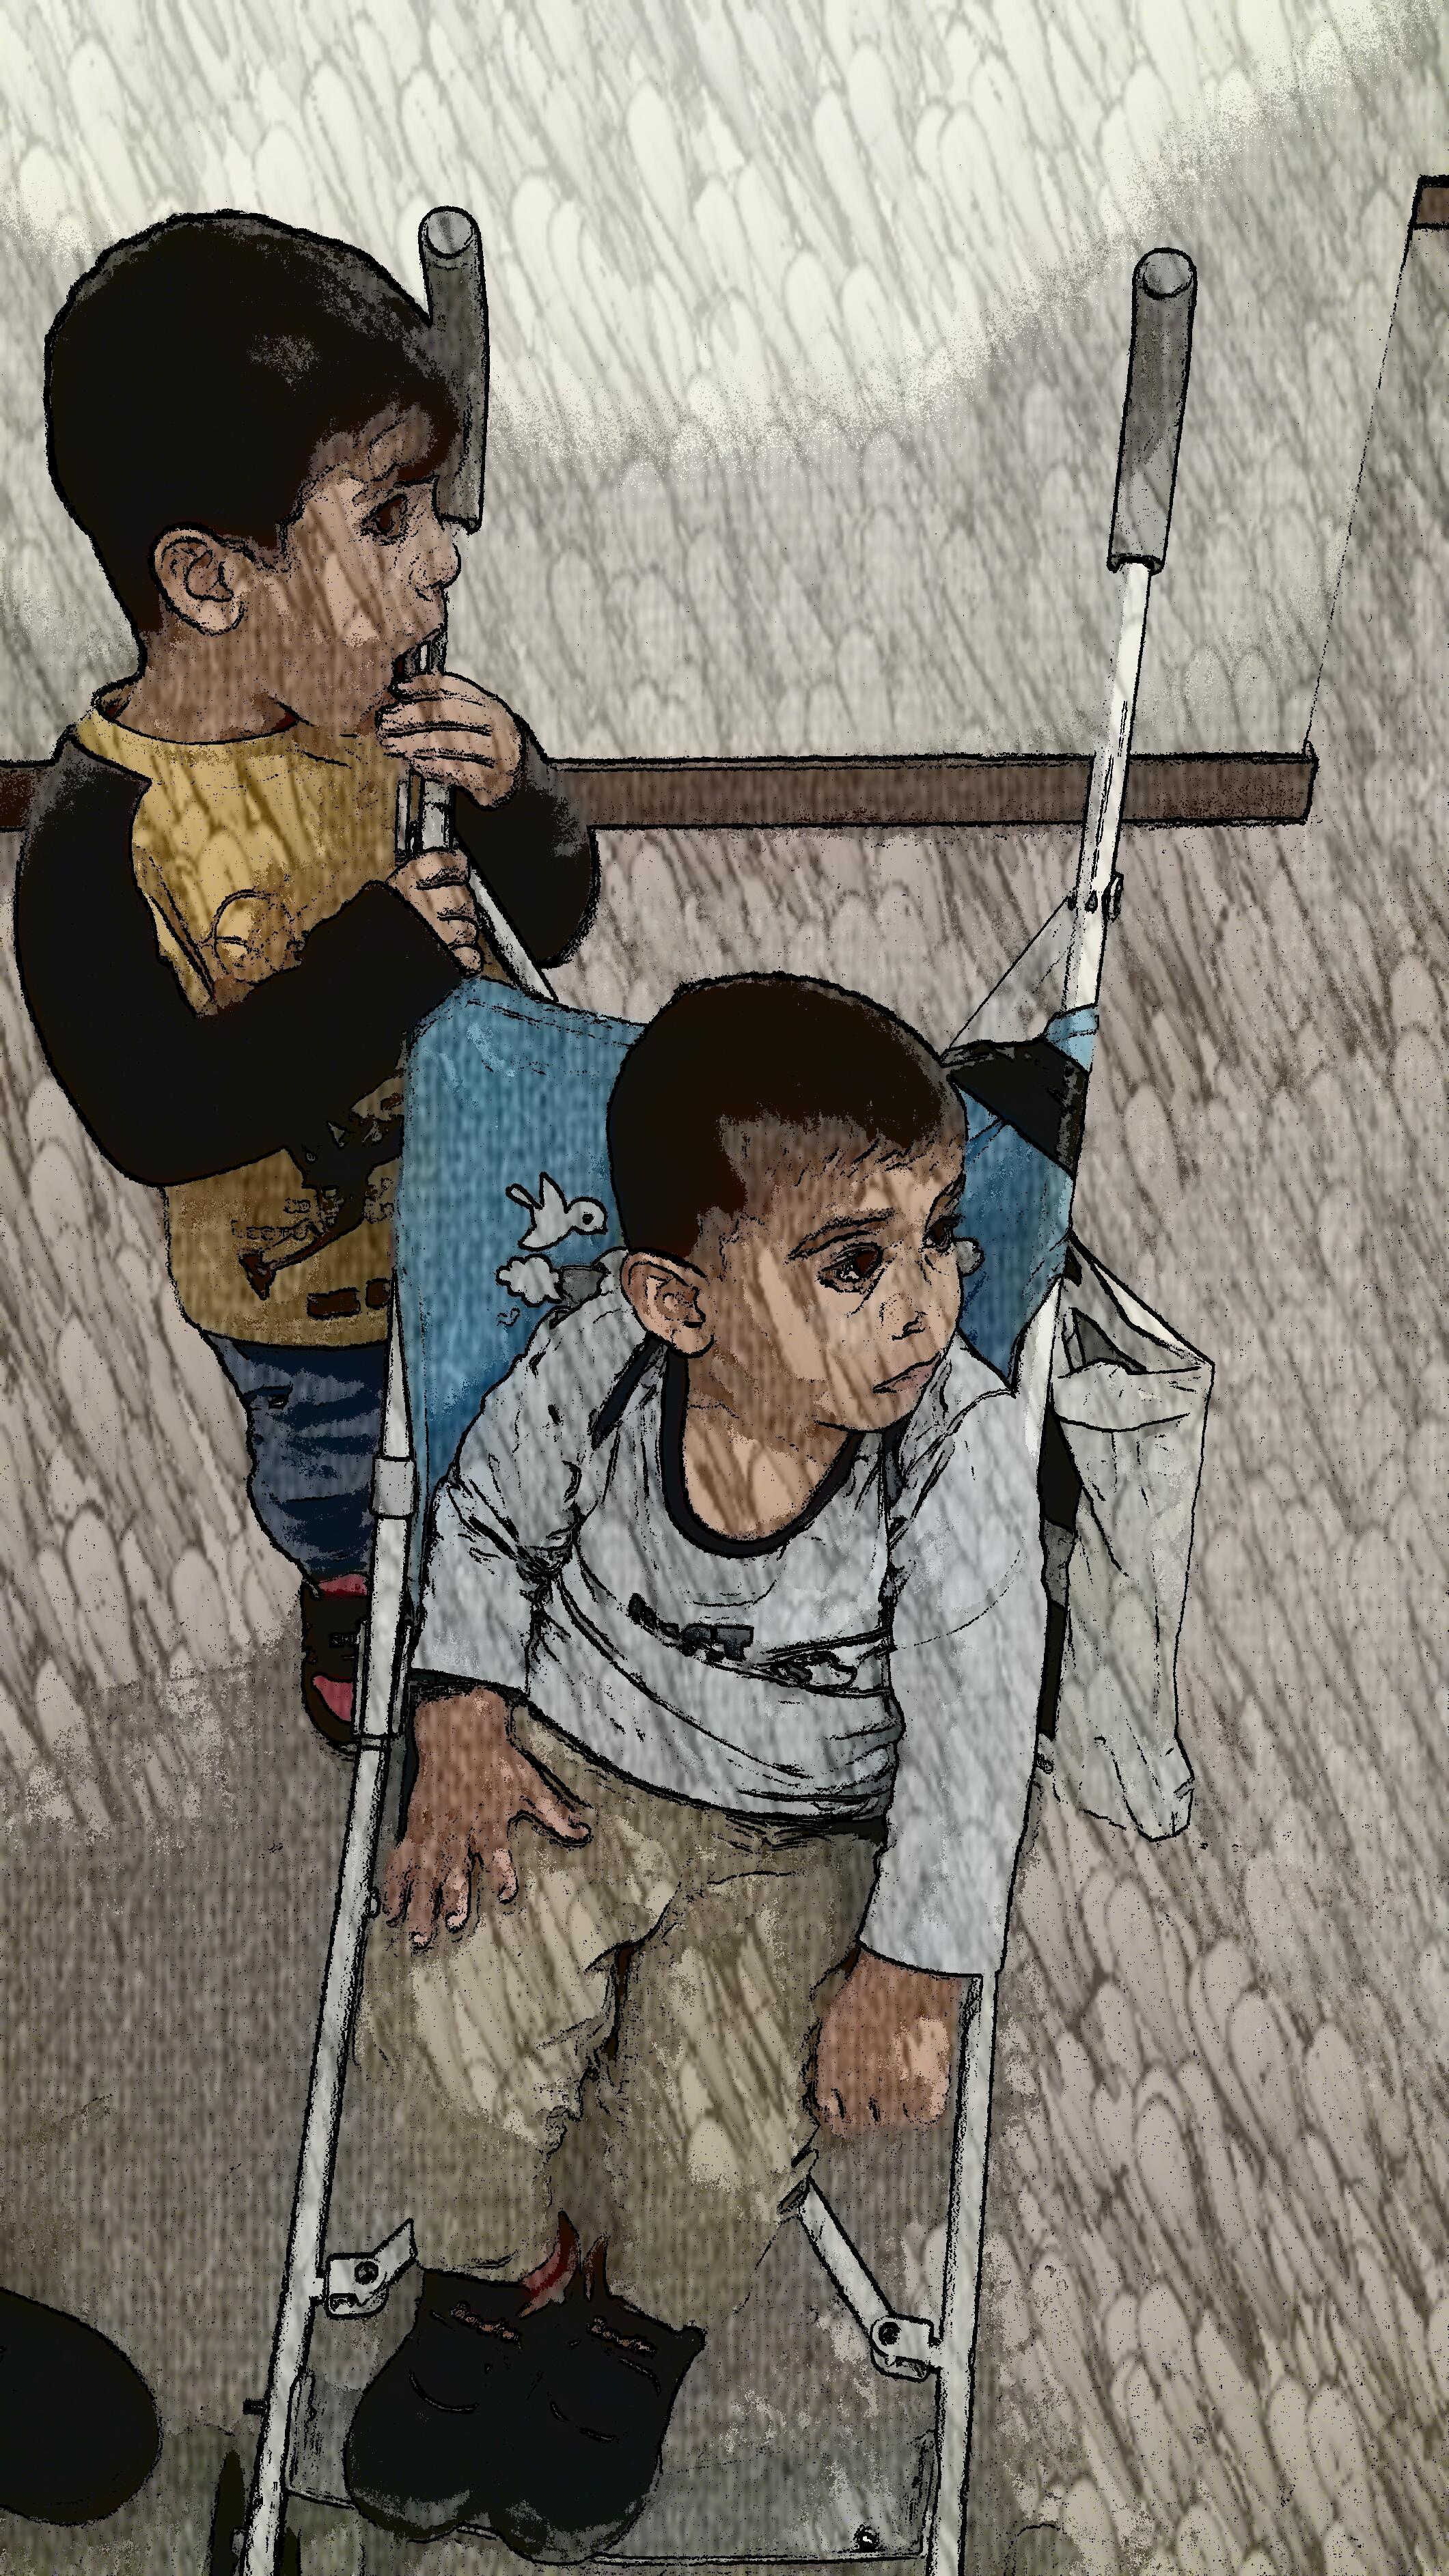 To WELCOMMON, με τα μάτια των παιδιών και μιας δημοσιογράφου